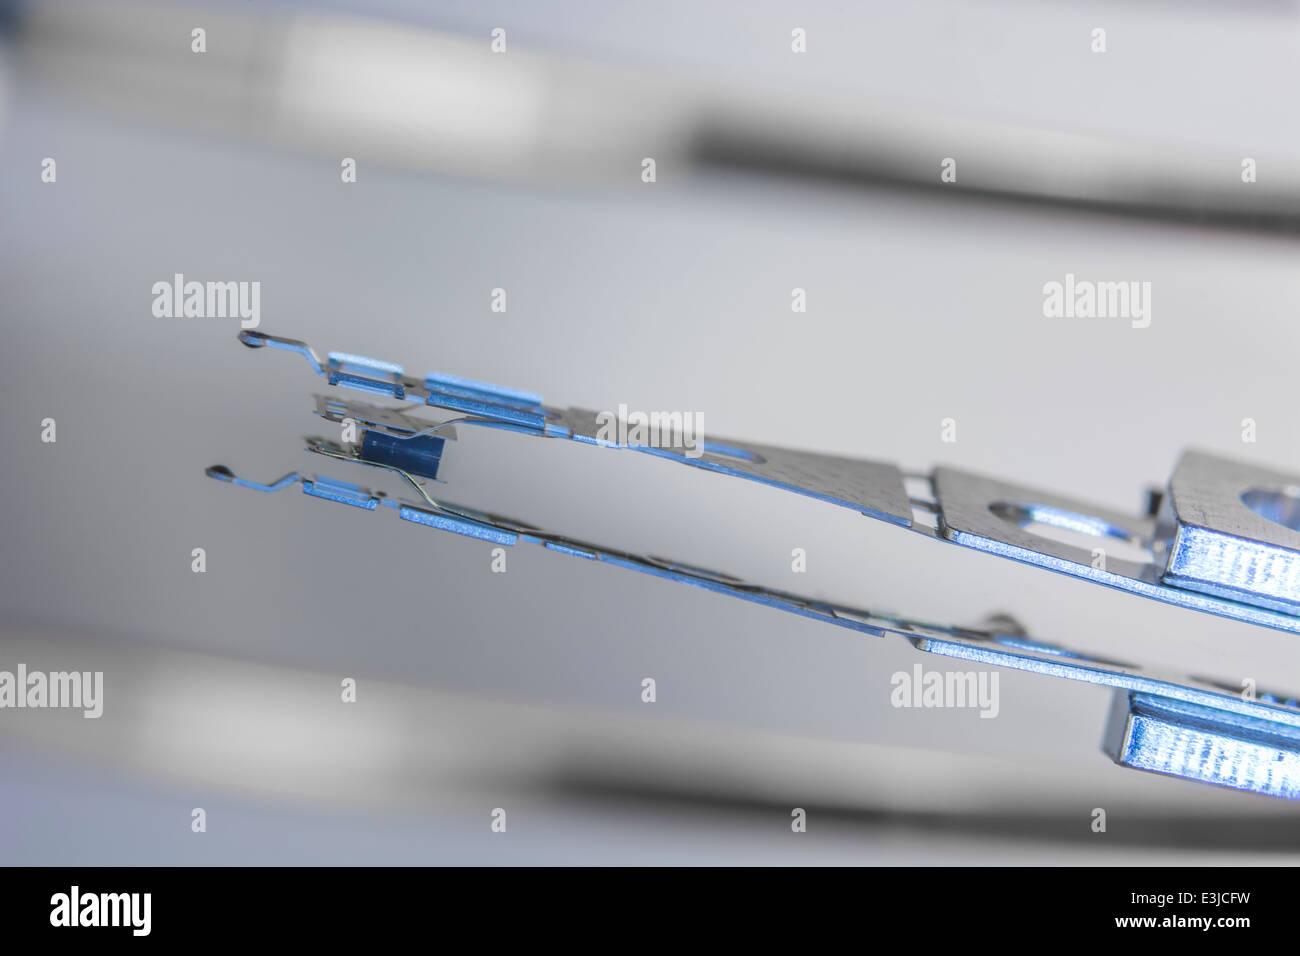 Fotografía macro de HDD cabezal de lectura-escritura y brazo apoyado sobre un plato de disco. Metáfora Imagen De Stock